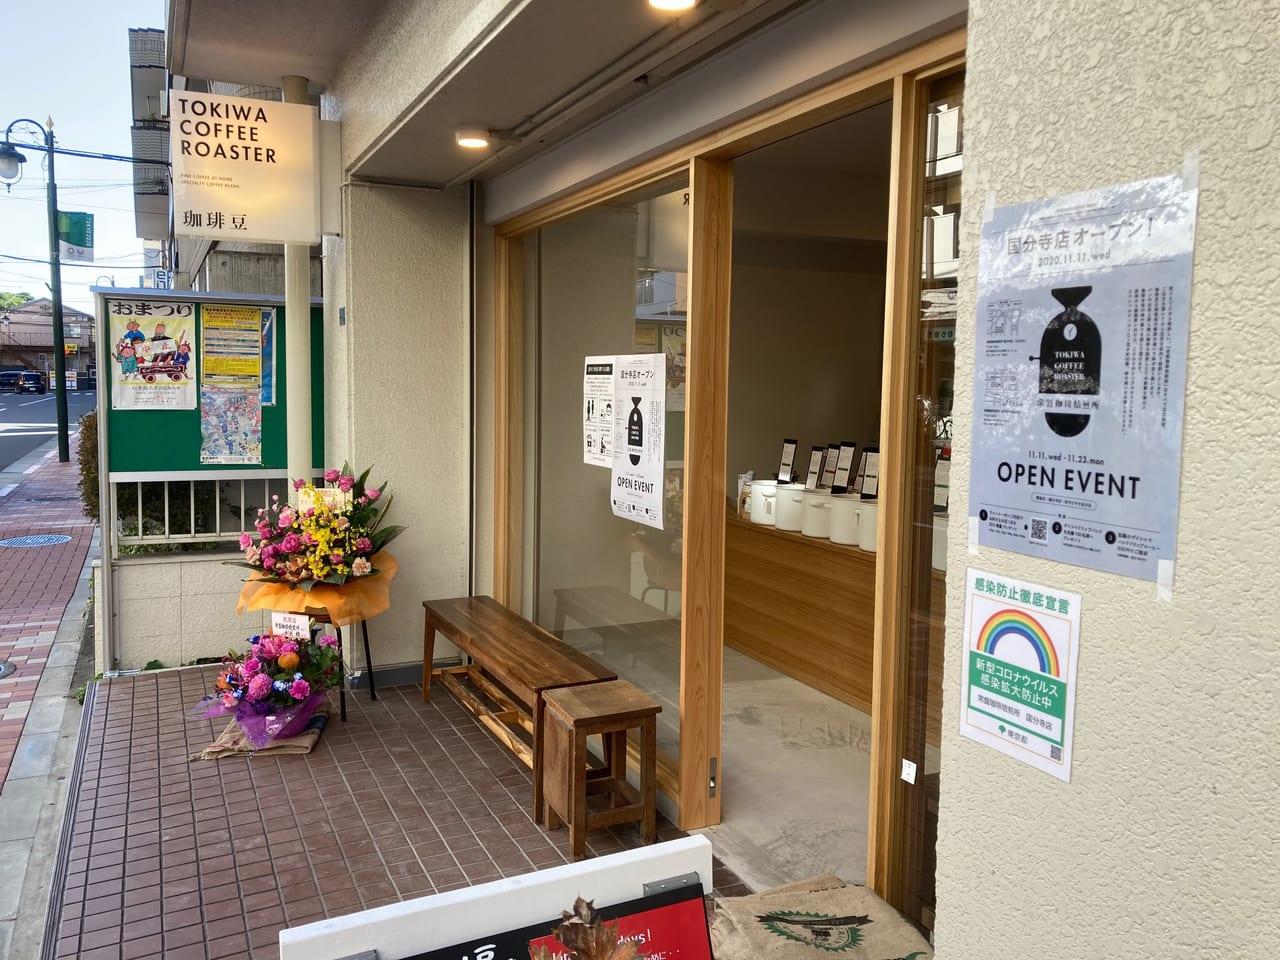 多摩地区2店舗目!国分寺駅南口に『常盤珈琲焙煎所』が11月11日オープンしていました!